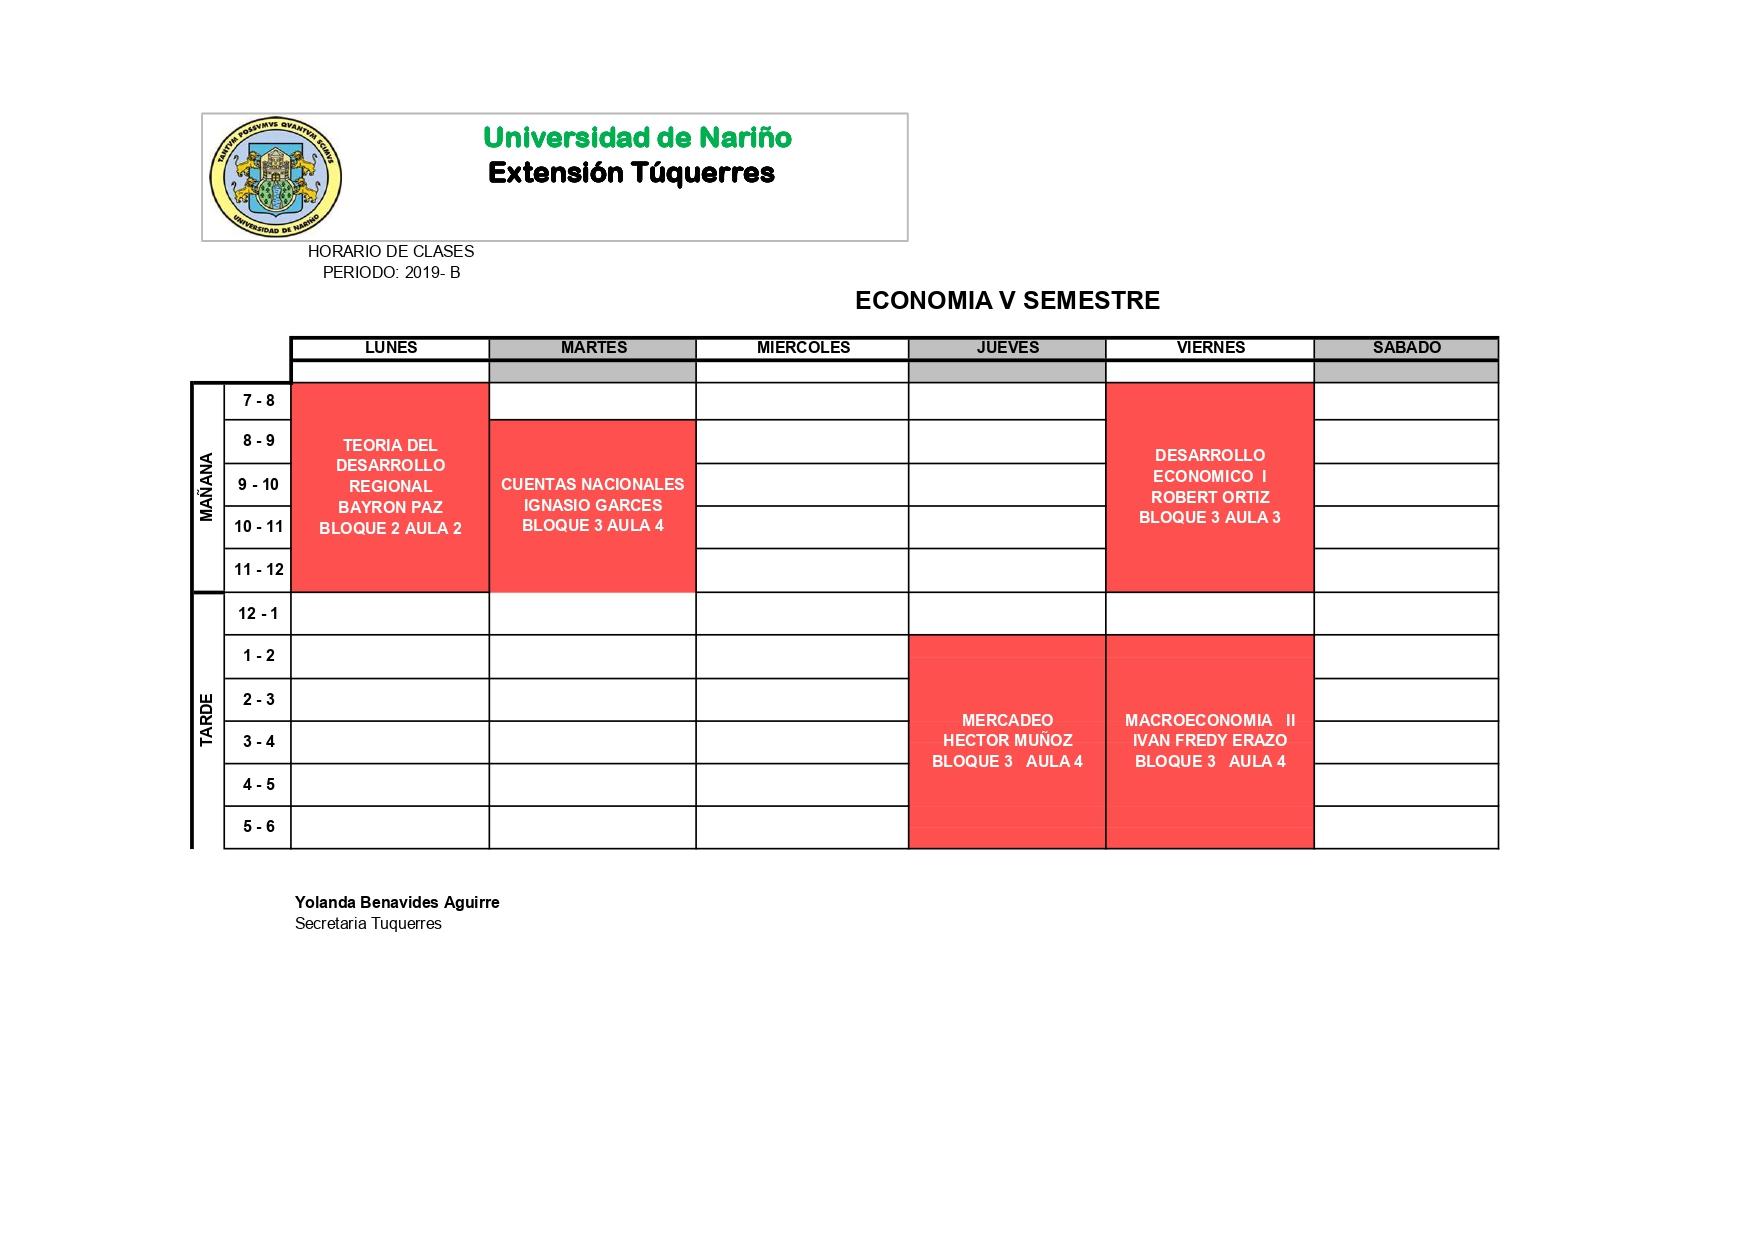 Proyecccion Horarios B - 2019 ECONOMIA V SEMESTRE_page-0001